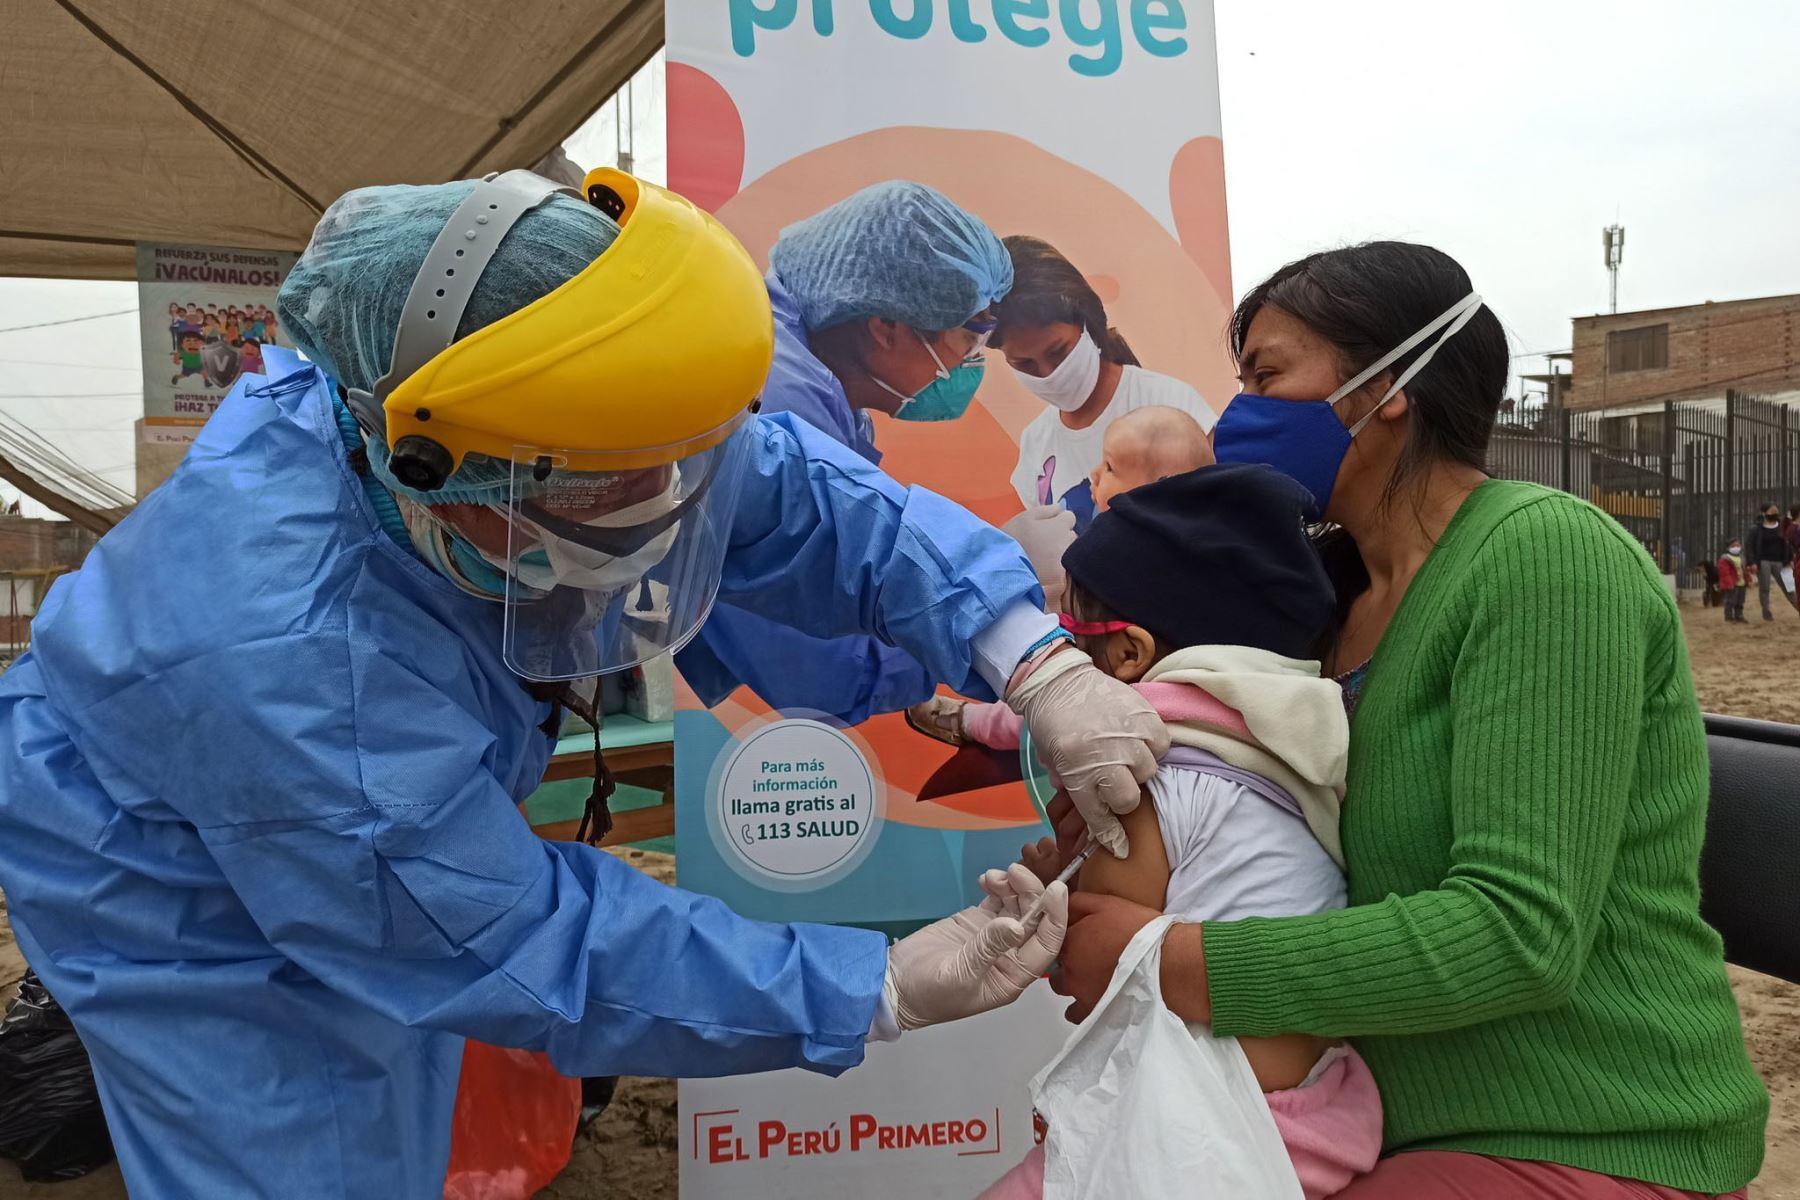 Equipos de Respuesta Rápida del Minsa brindaron atención integral de salud a familias de Villa El Salvador y Surco. Niños y adultos recibieron vacunación, tamizaje de anemia, descarte de covid -19, además de consejería en planificación familiar y salud mental.  Foto: Minsa